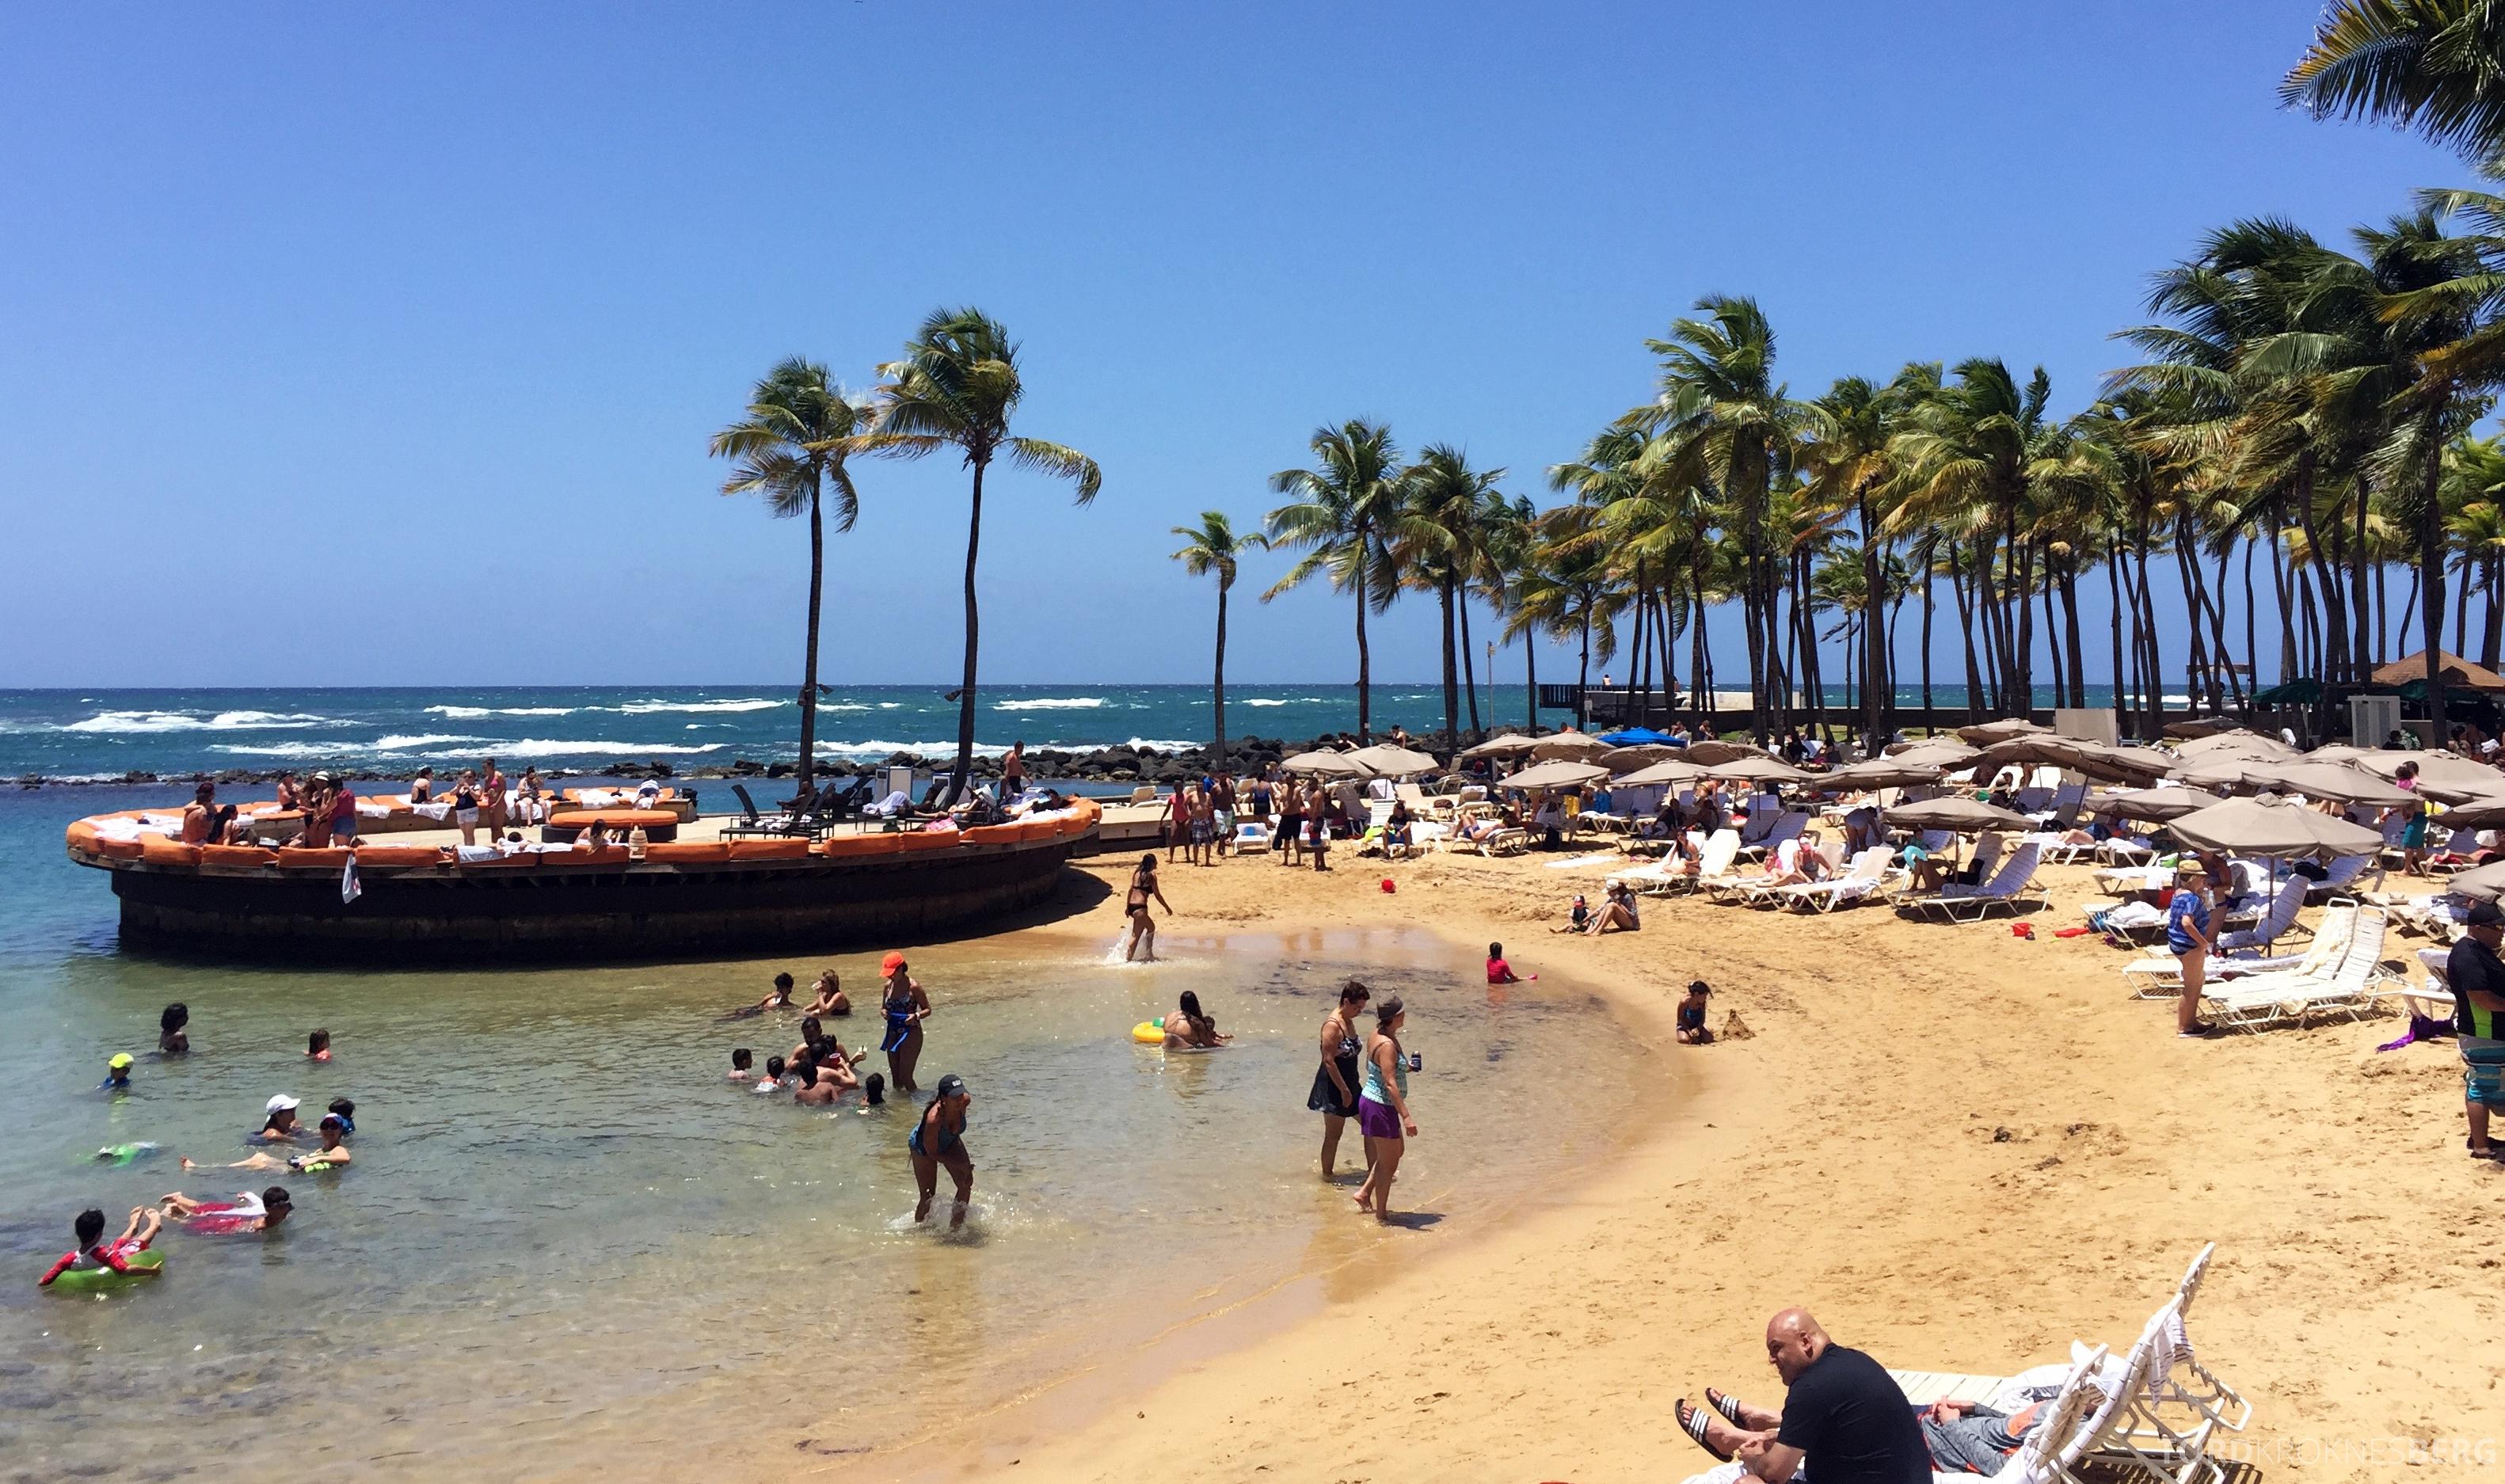 Caribe Hilton strand og solstoler